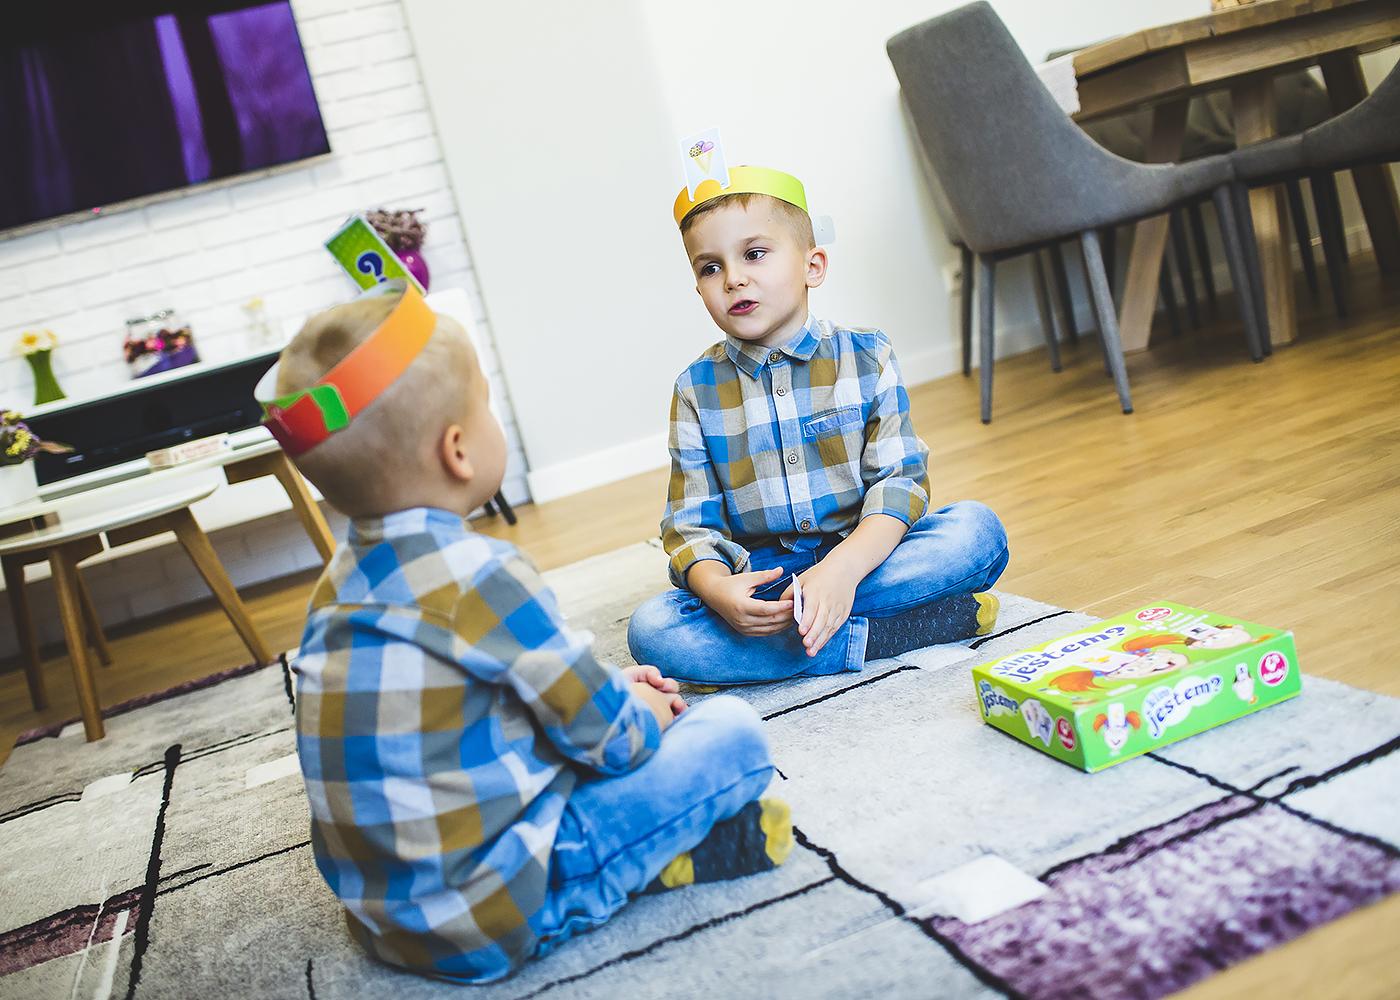 zabawki wspierające wspólną zabawę dzieci